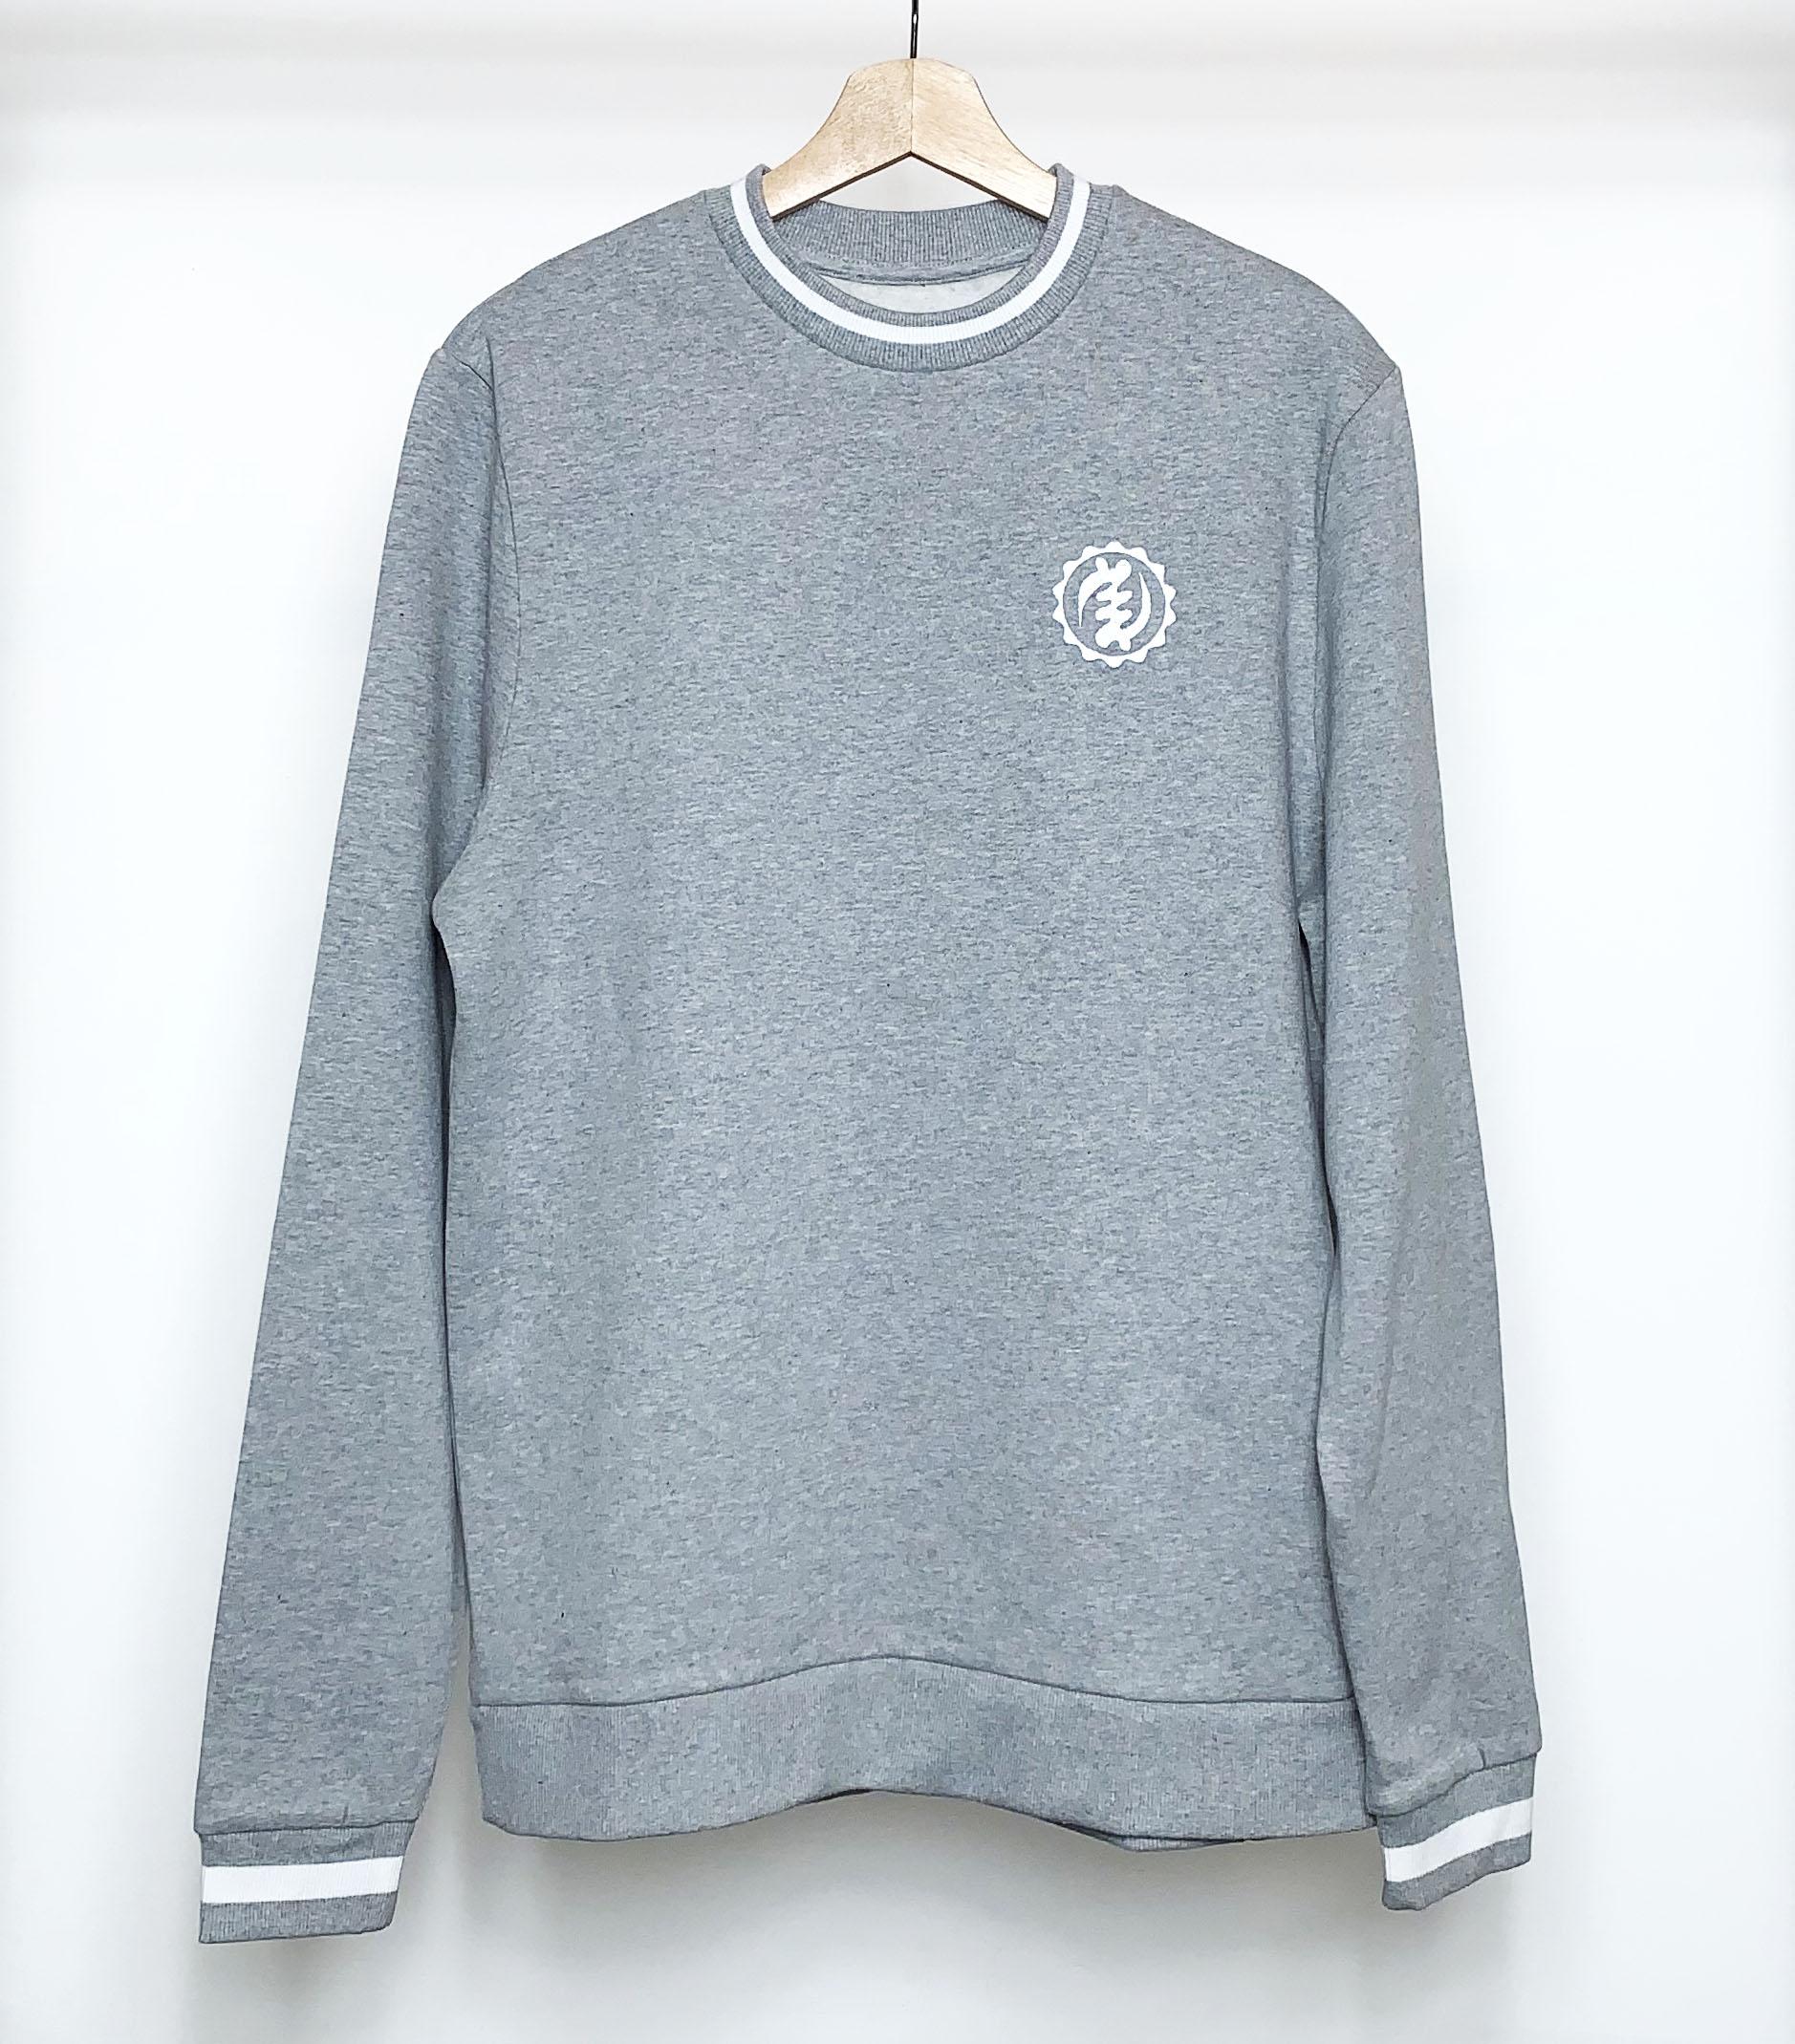 Grey Sweatshirt Top